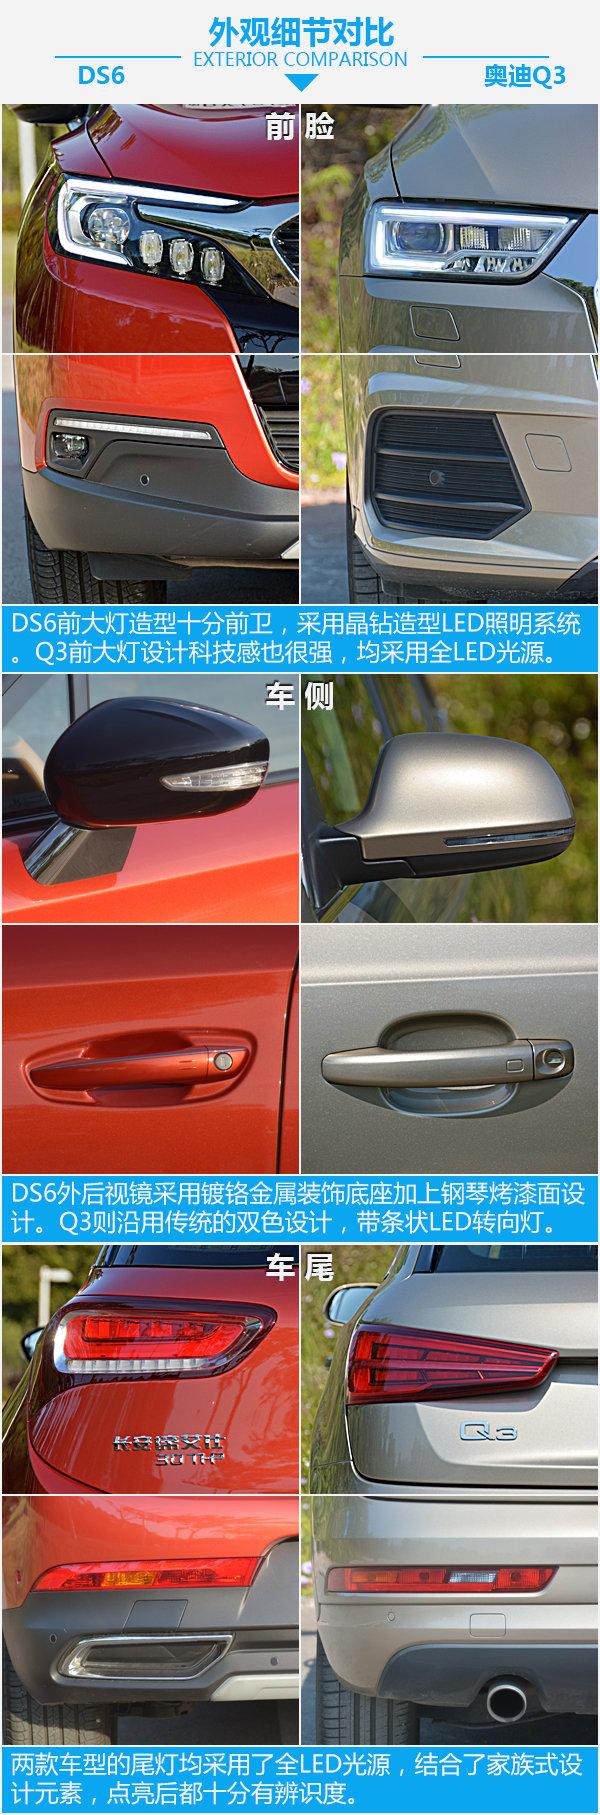 这两款车PK,谁的豪华品质更优胜?-图5